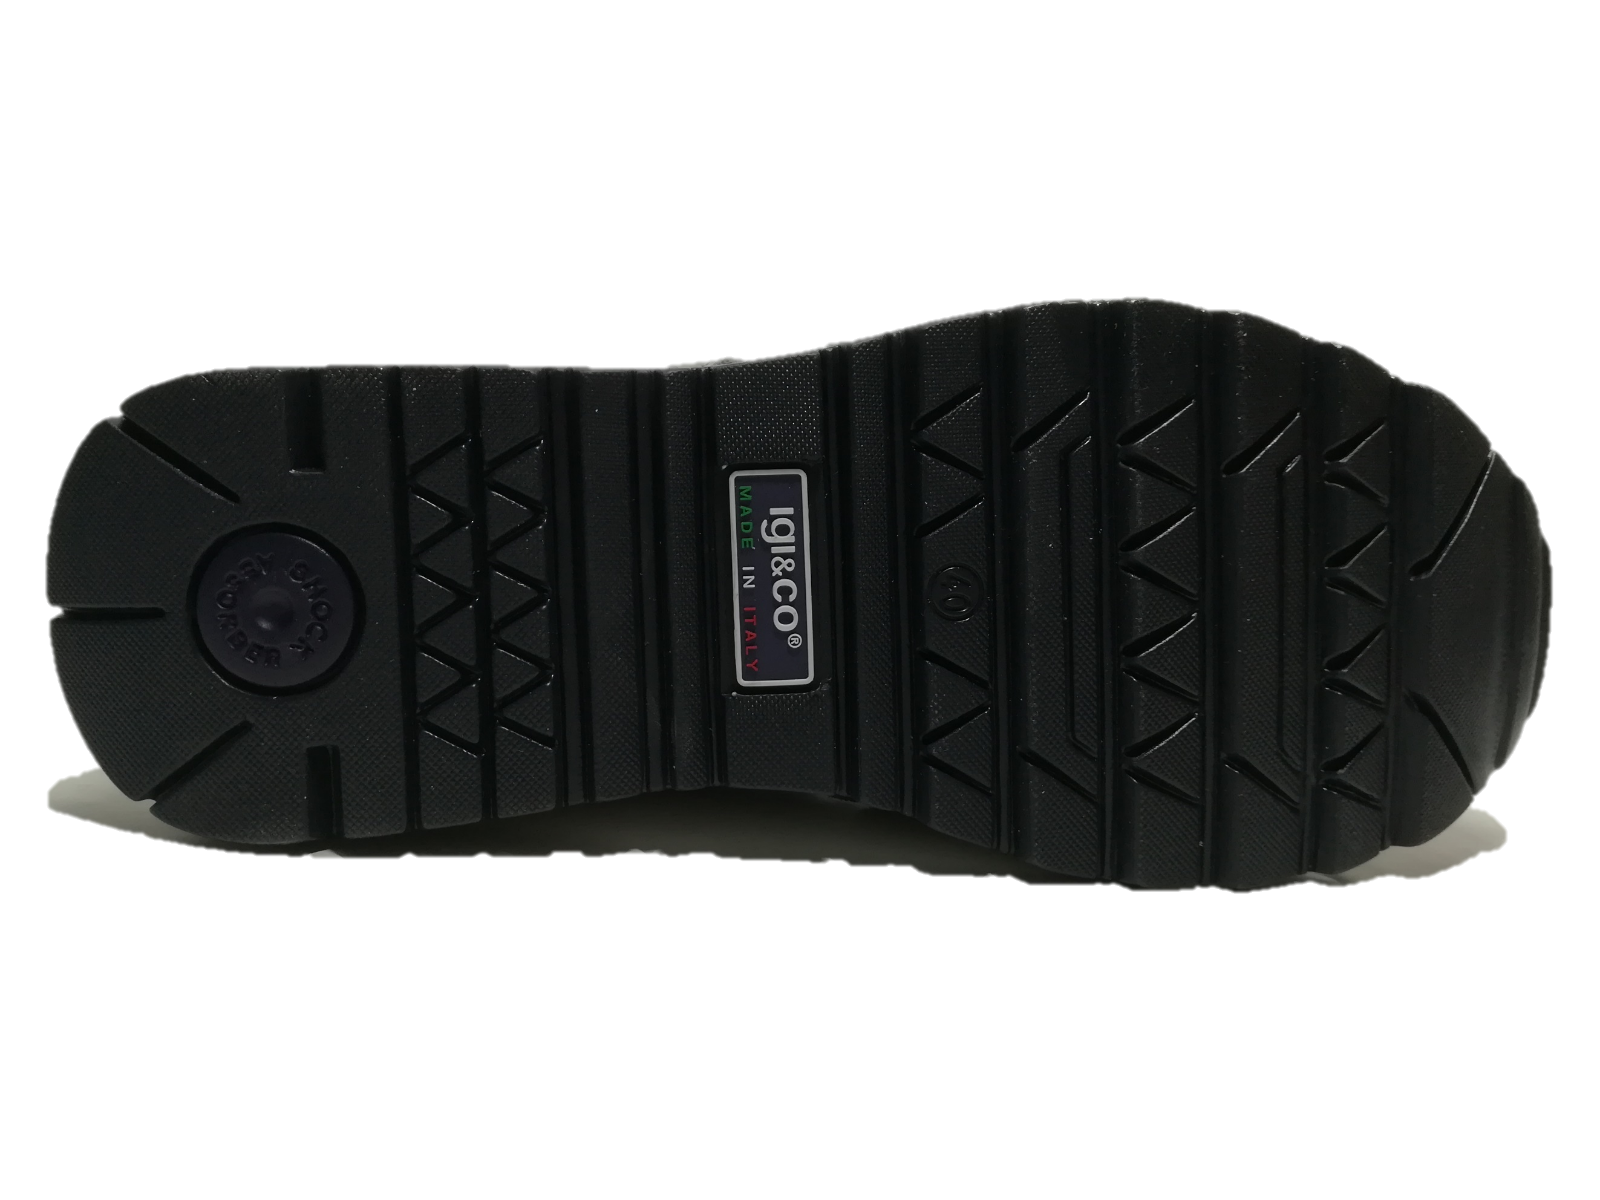 IGI&CO SCARPE UOMO scarpe da ginnastica ginnastica ginnastica SCAMOSCIATO GRIGIO SCURO PLANTARE ESTRAIBILE 3127211 597bd7